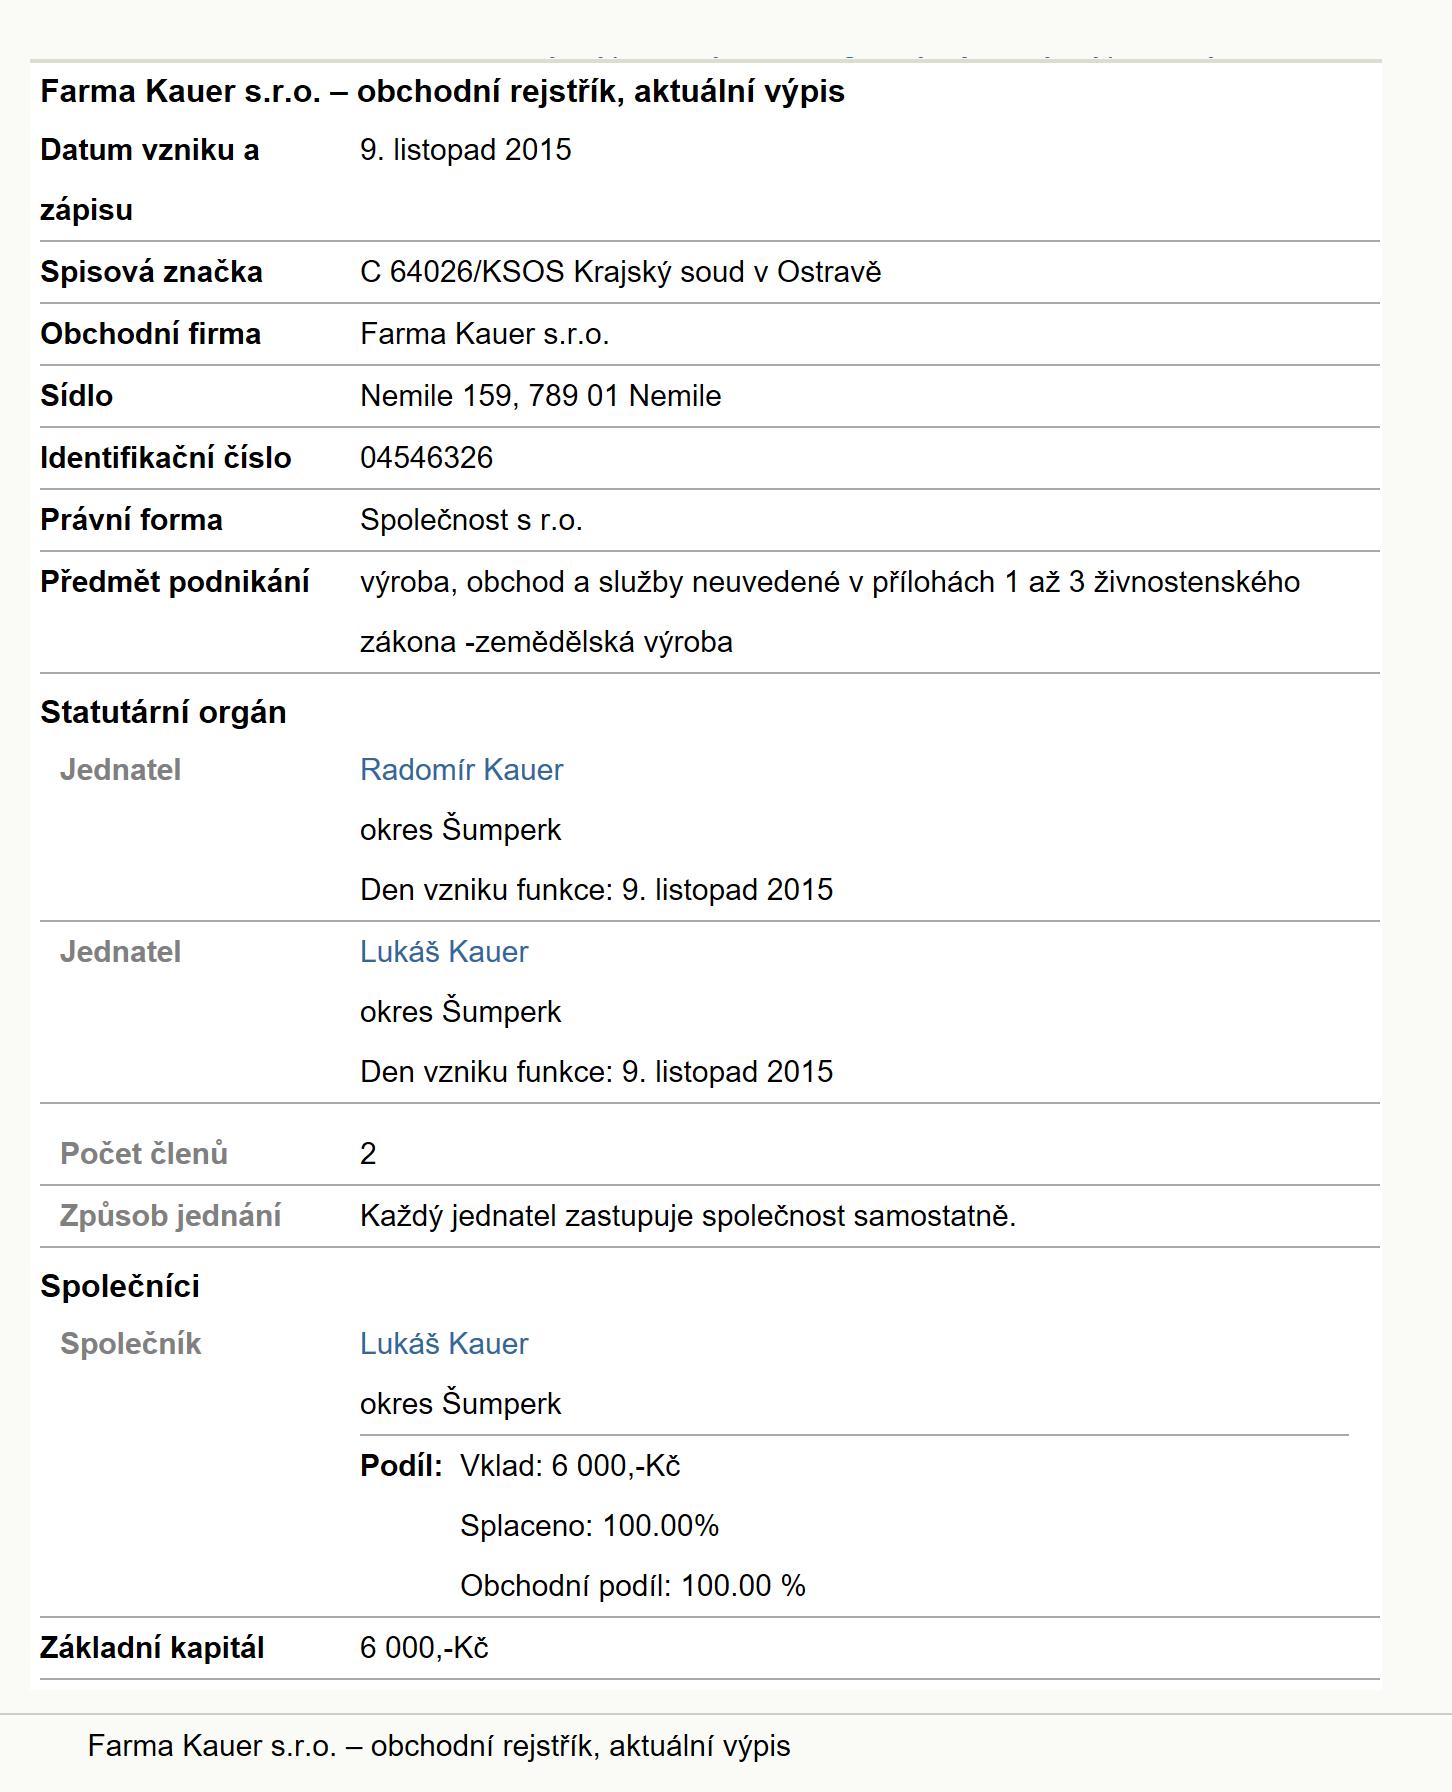 Zdarma online datování johannesburg jižní afrika